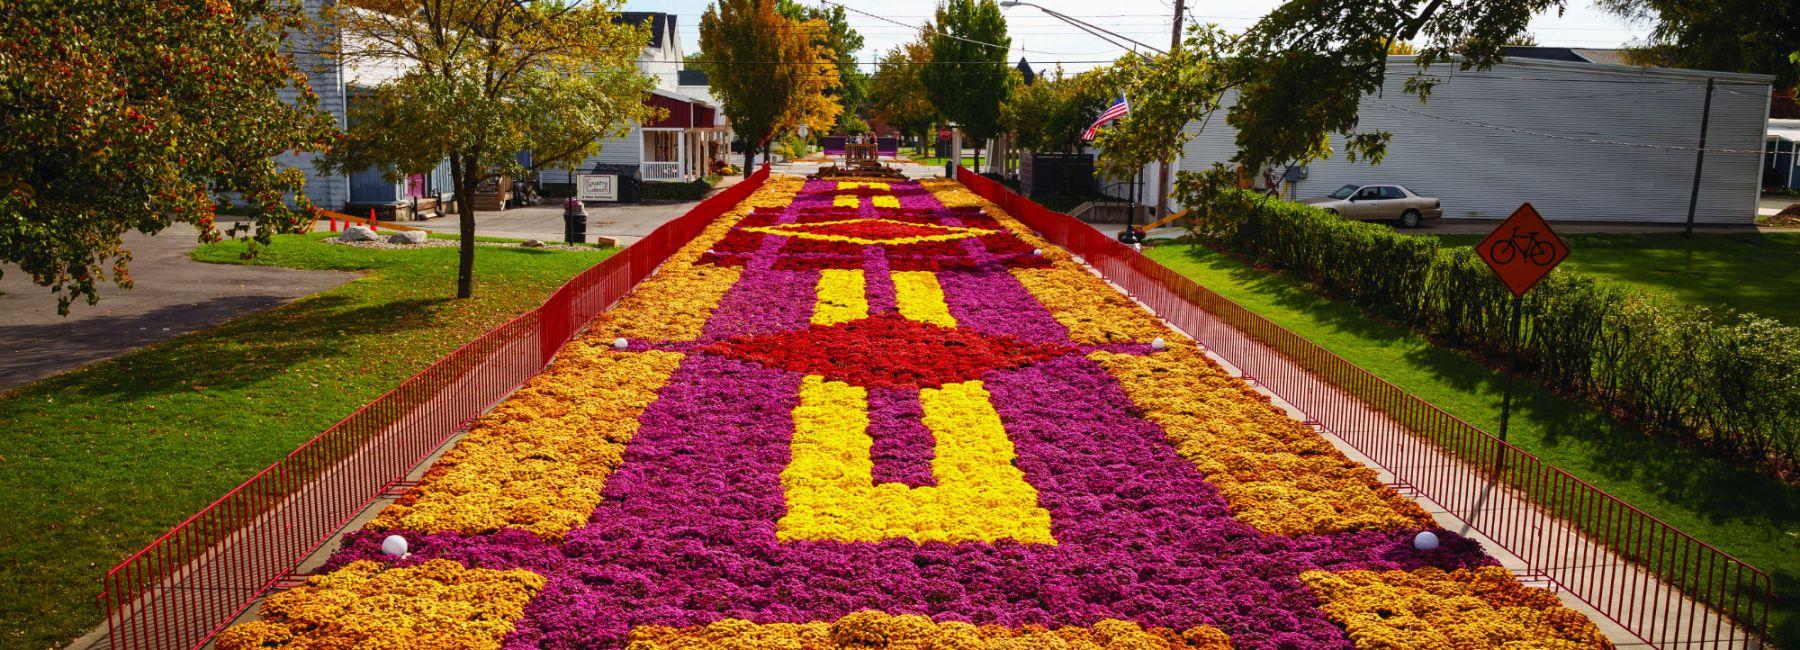 Elkhart Fall Flower Carpet